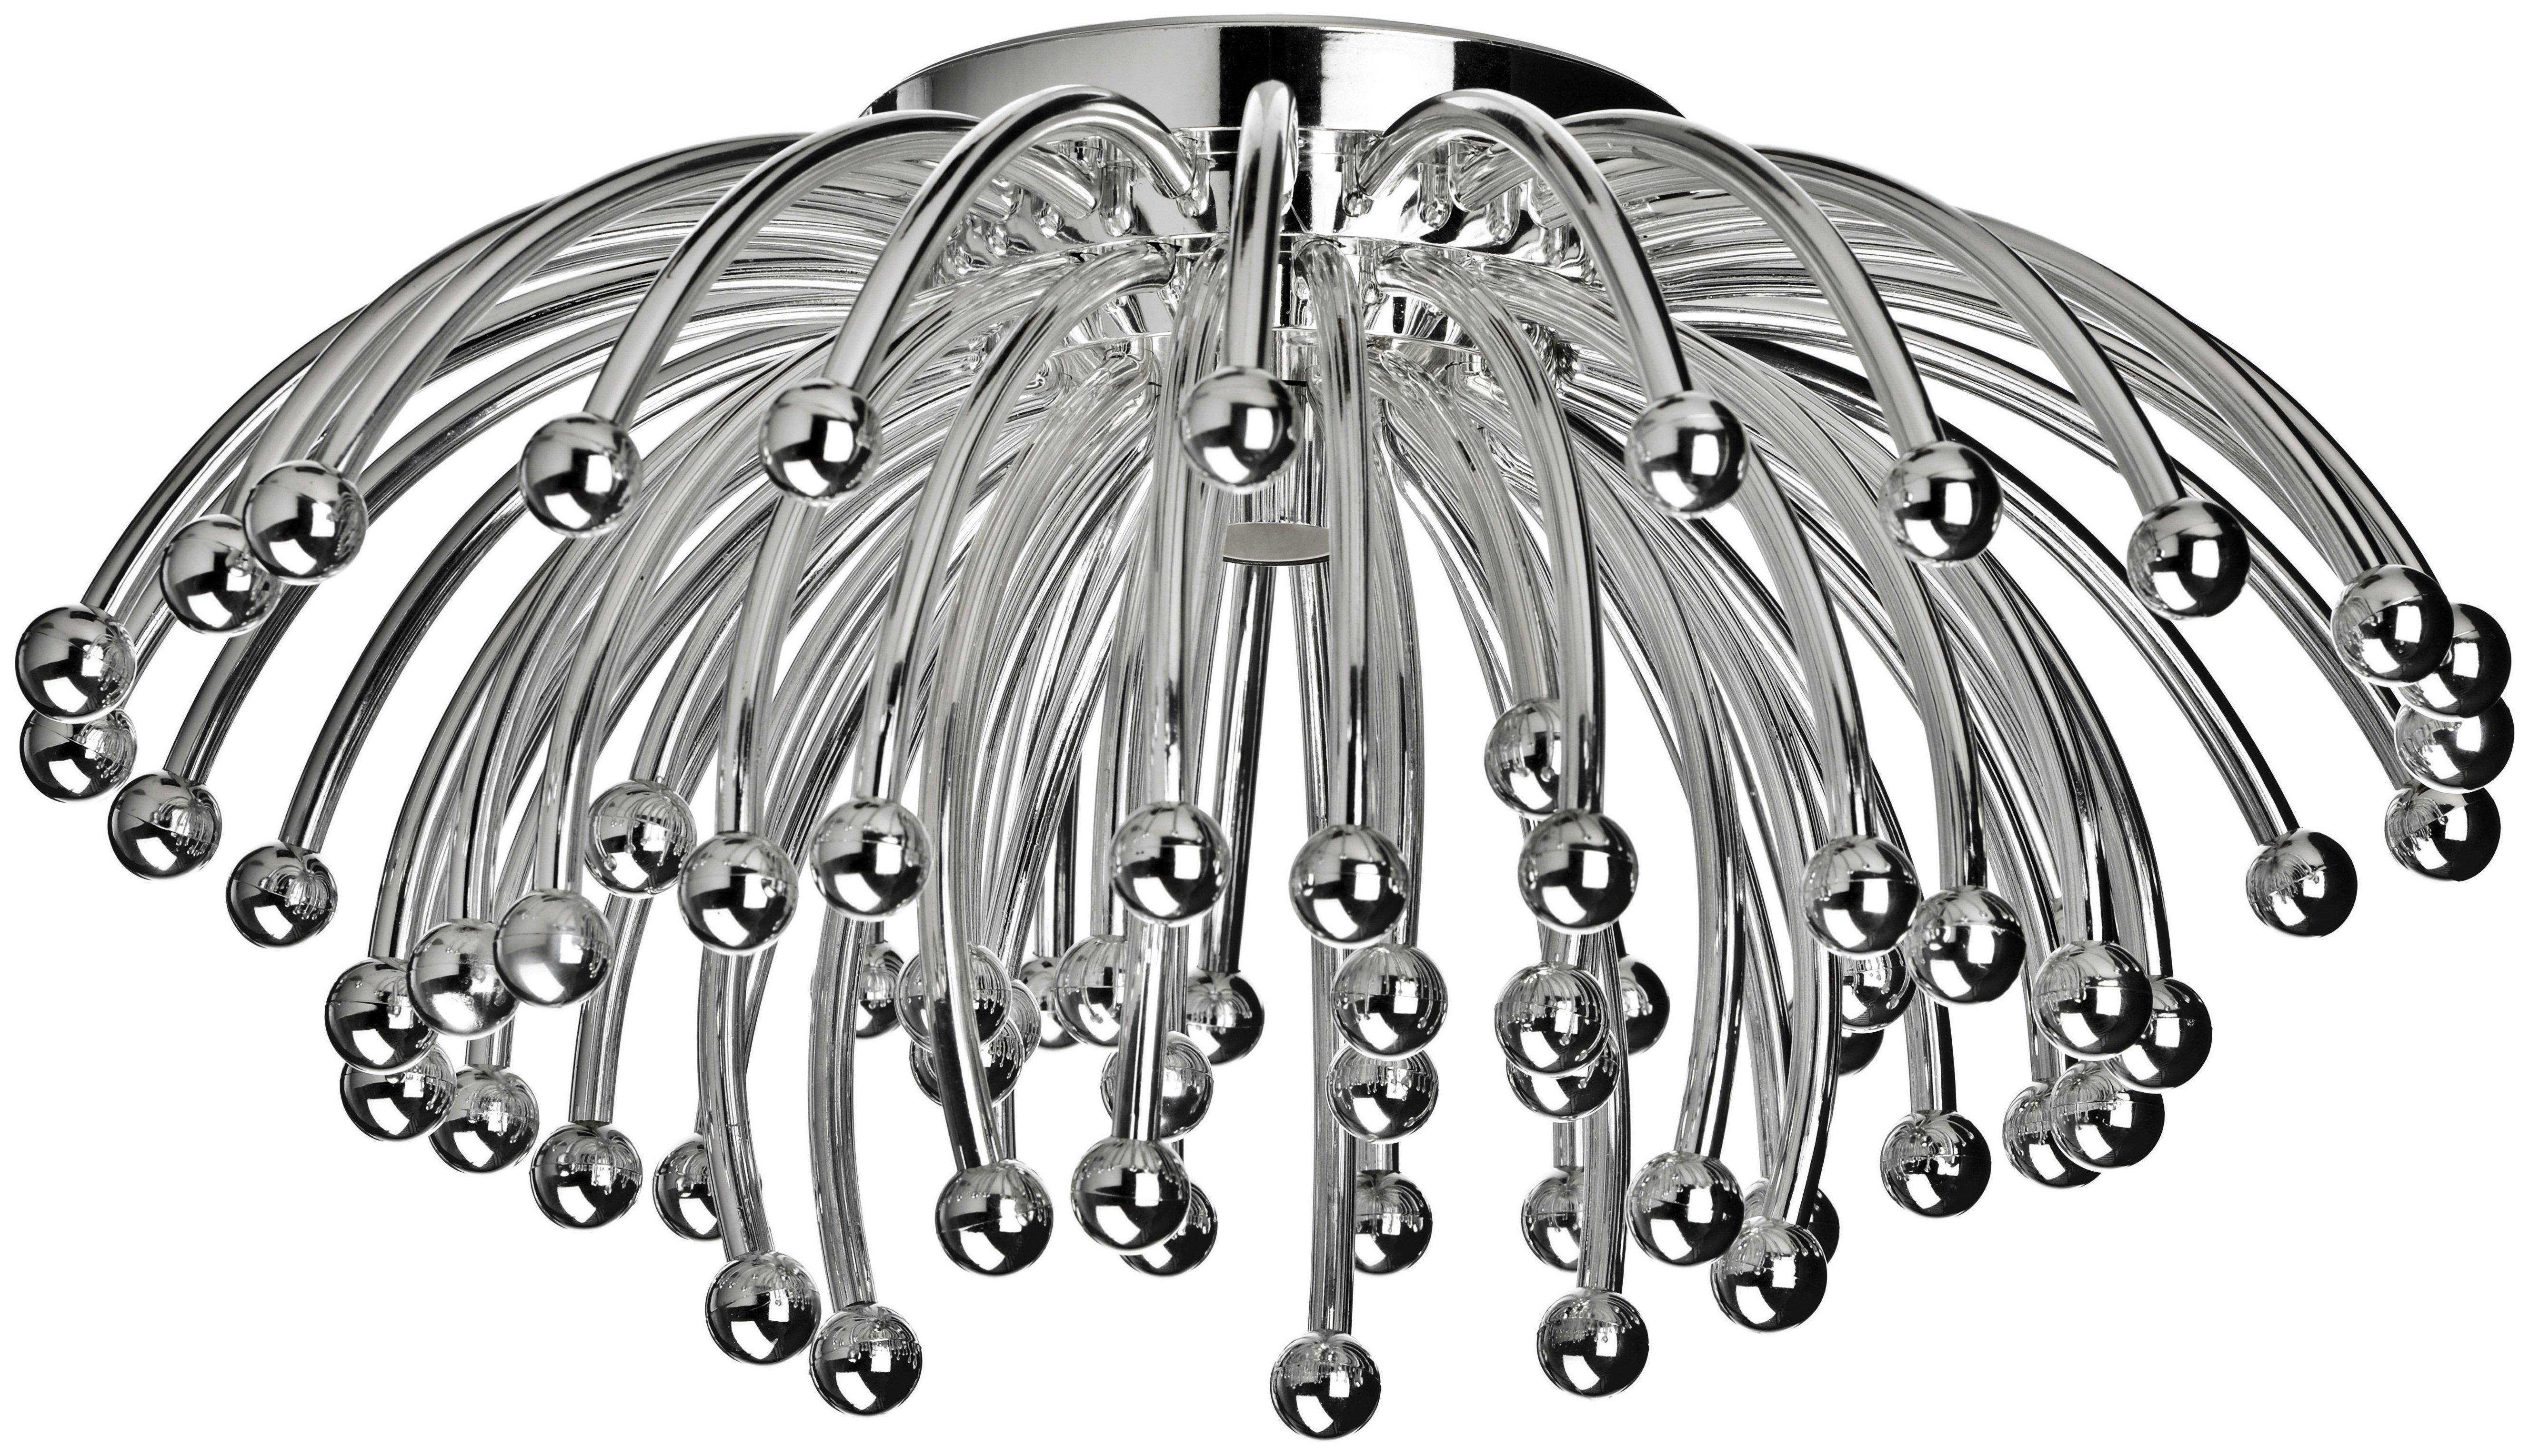 chrome-effect-ceiling-light